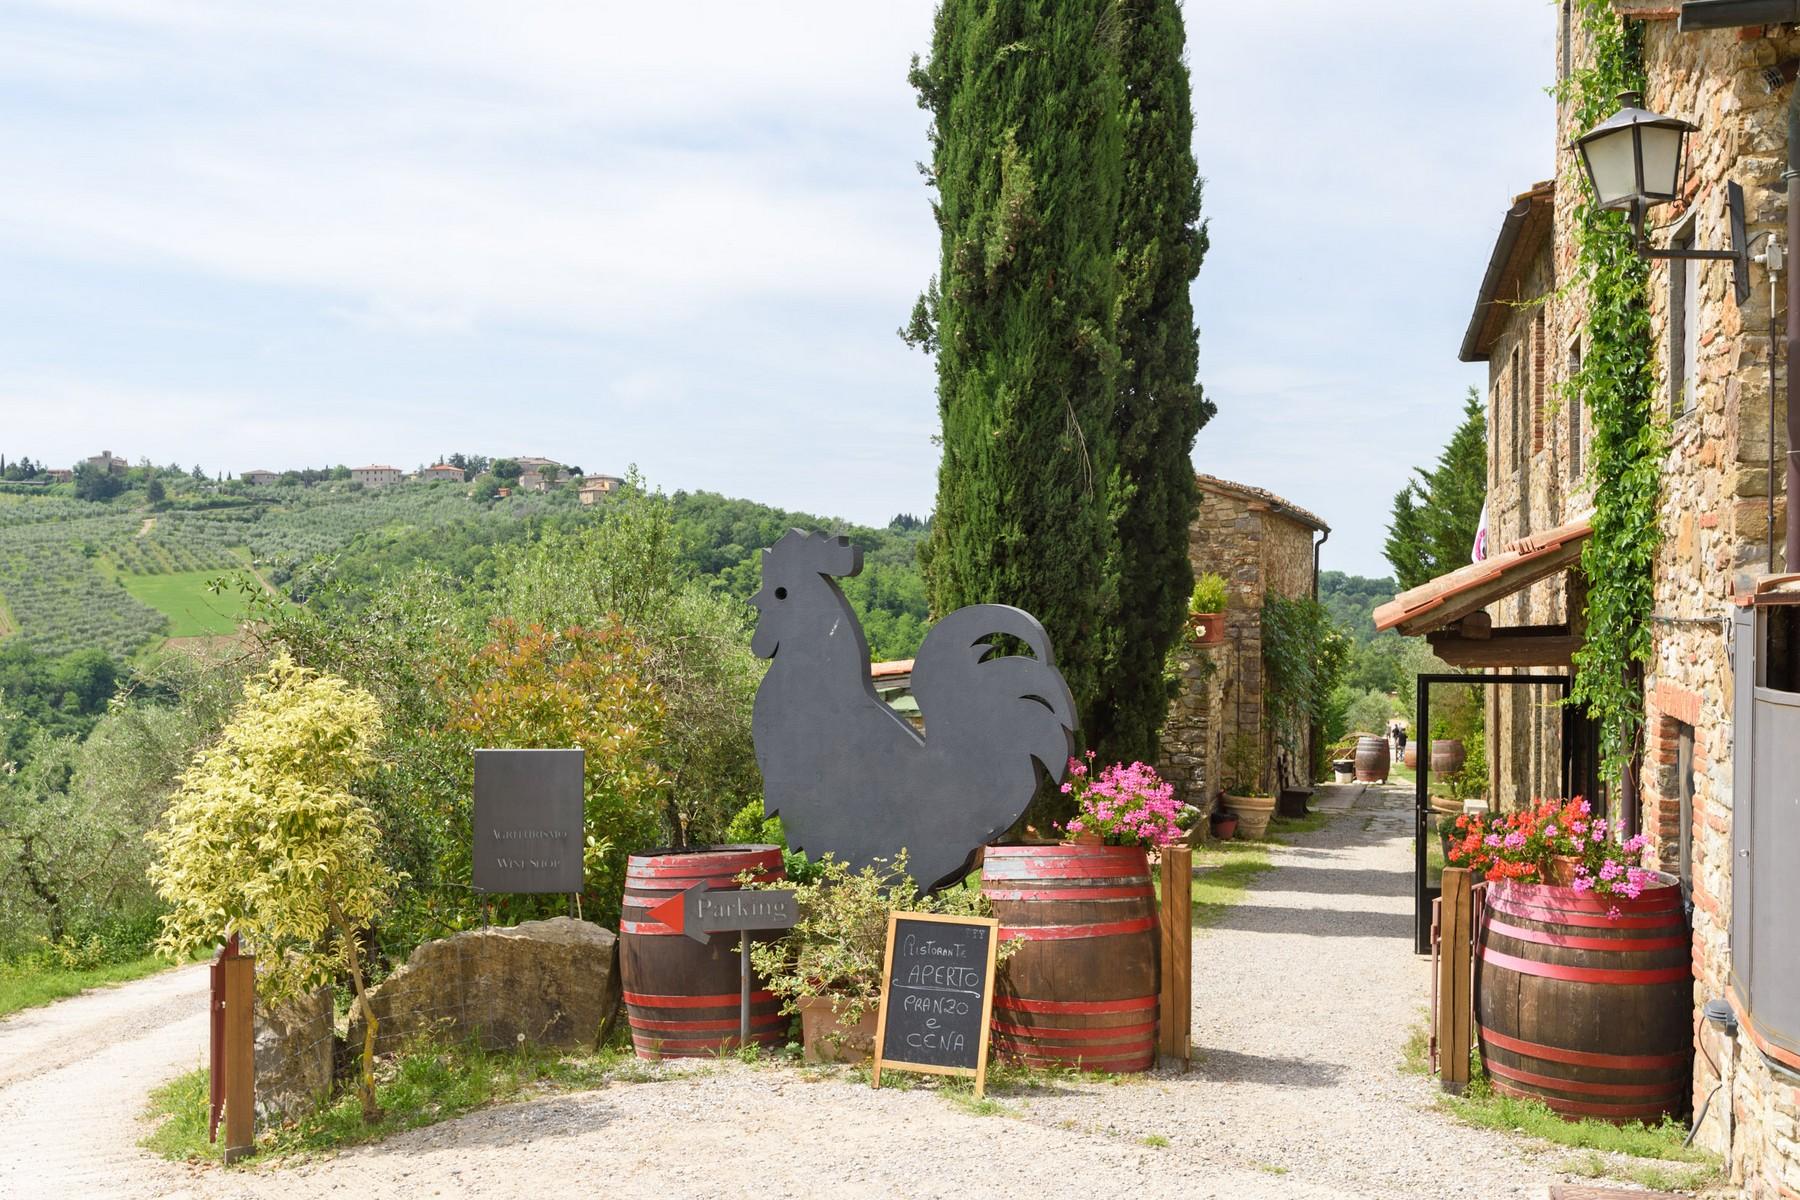 Rustico in Vendita a Gaiole In Chianti: 5 locali, 2170 mq - Foto 3